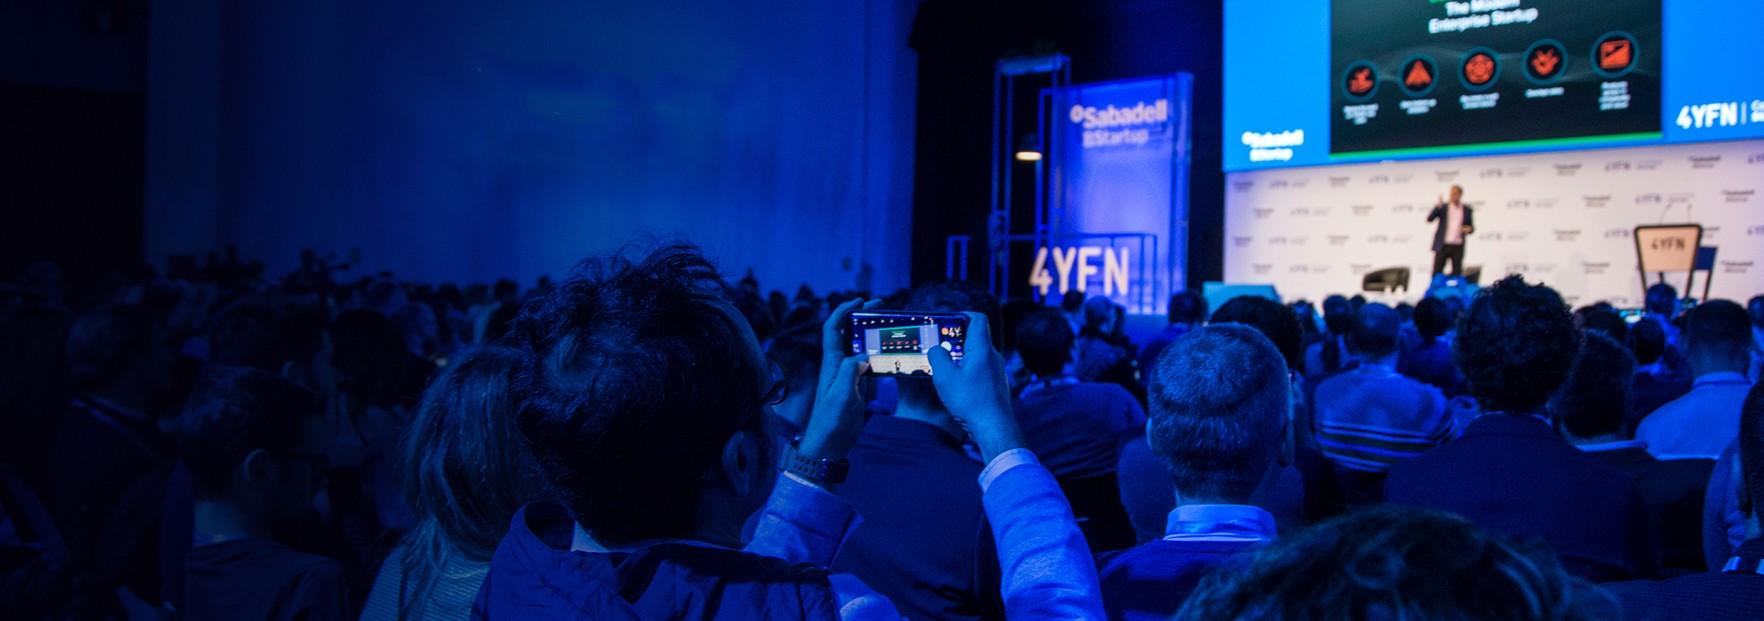 la plataforma de innovación que se realiza junto con el Mobile World Congress